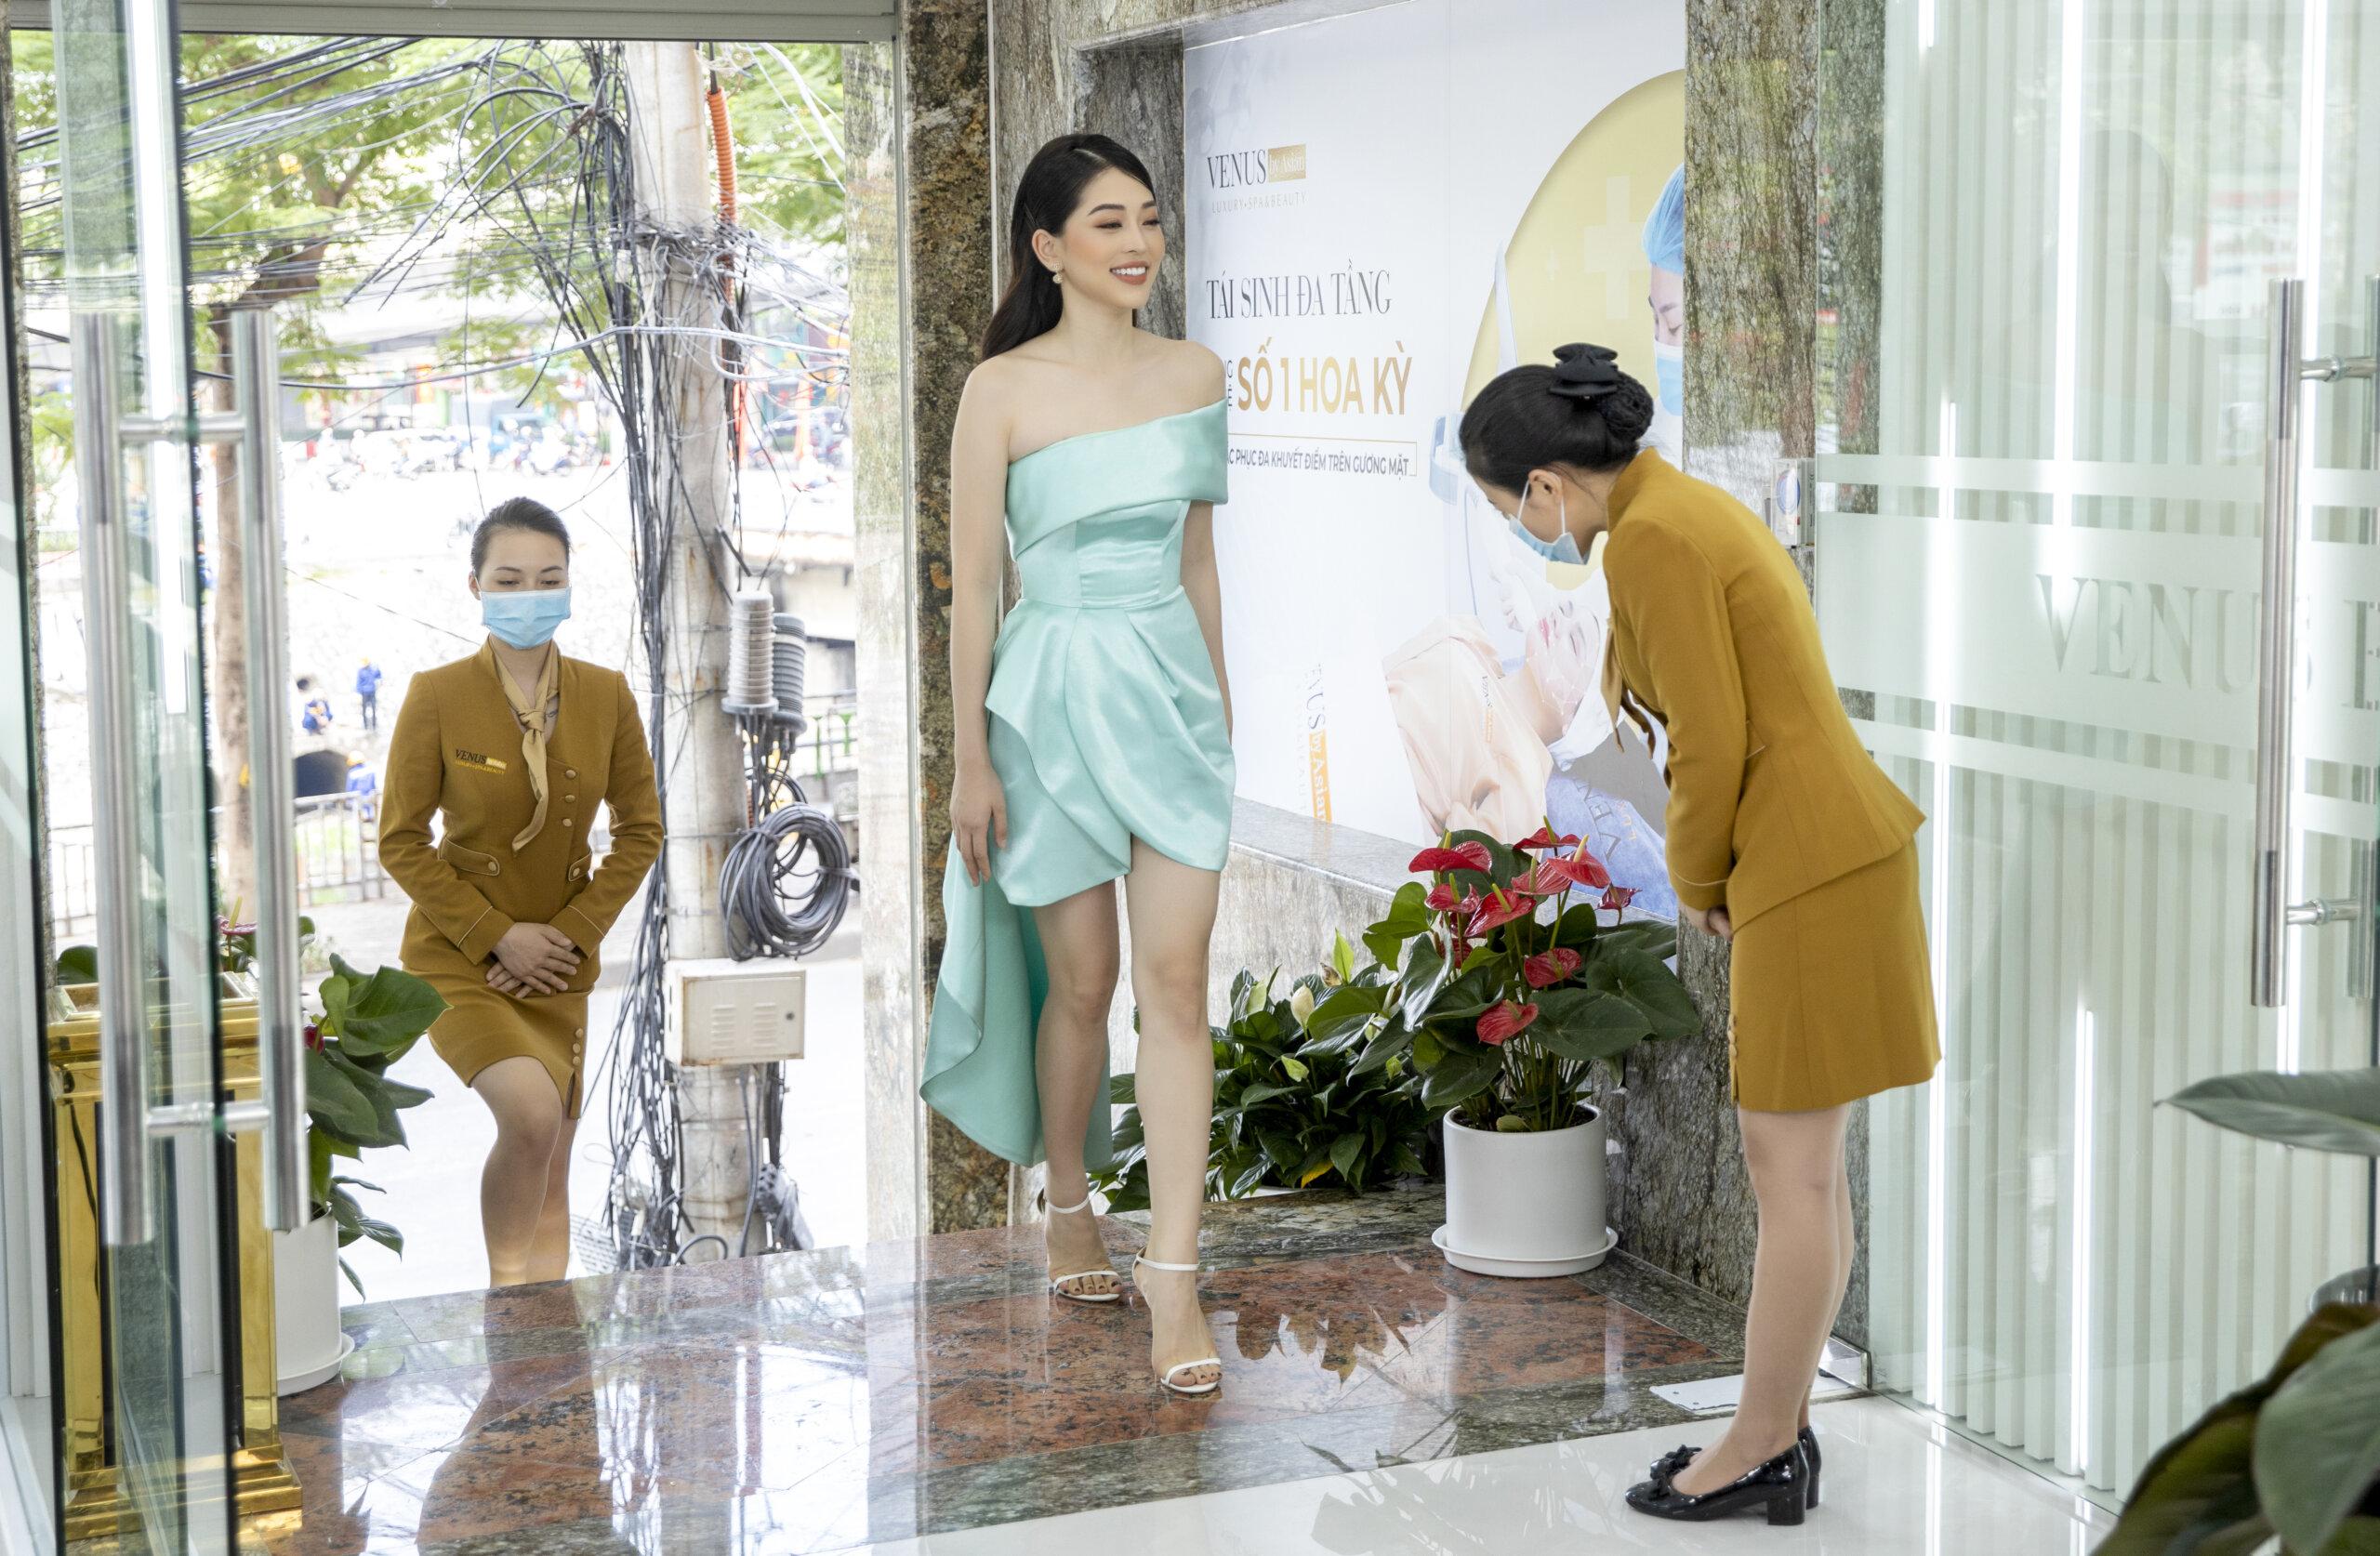 Bùi Phương Nga rạng rỡ với nụ cười tươi, phong cách thời trang thanh lịch